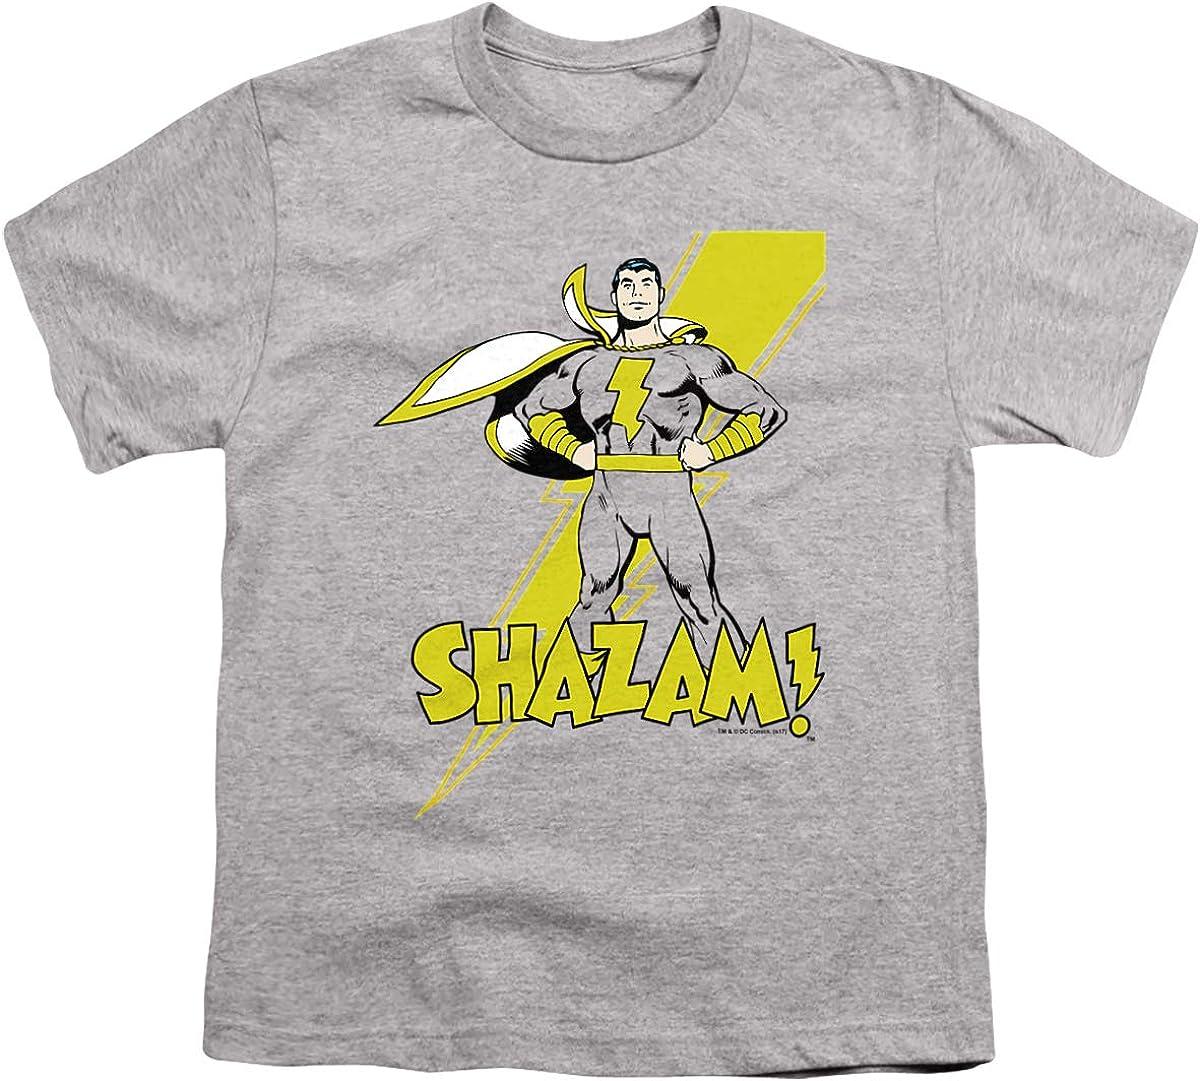 DC Shazam! Unisex Youth T Shirt, Athletic Heather, Medium